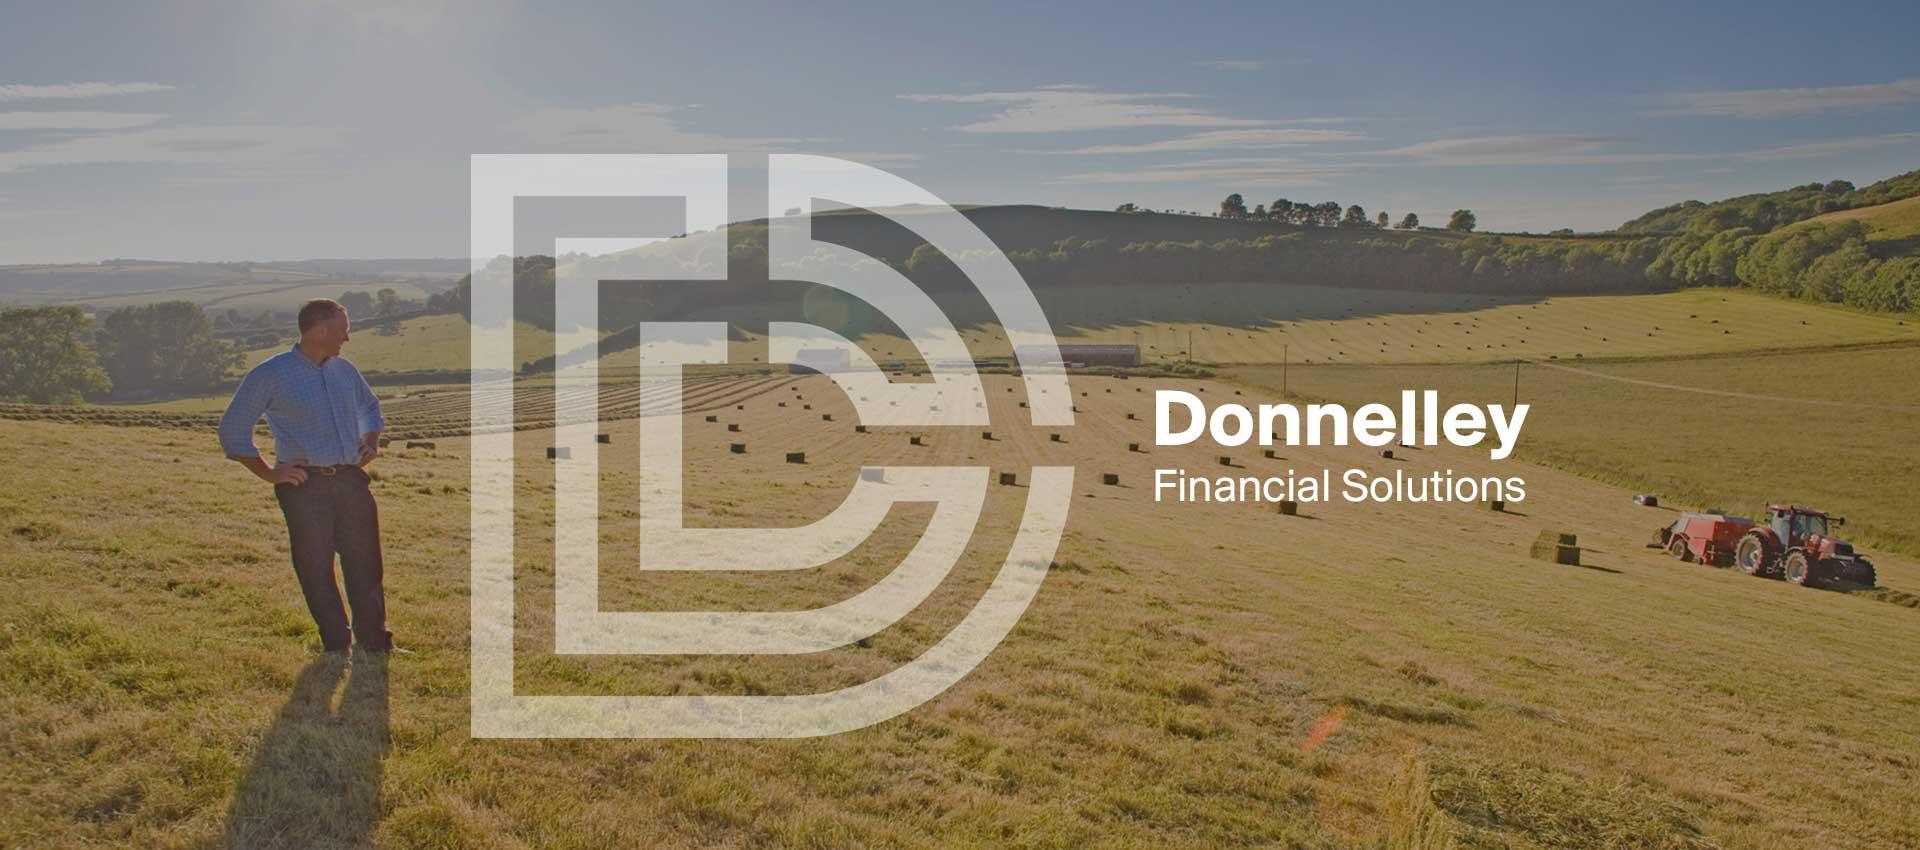 Thông tin tổng quan, khó khăn và kết quả đạt được của dự án DFS - Donnelley Financial Solutions